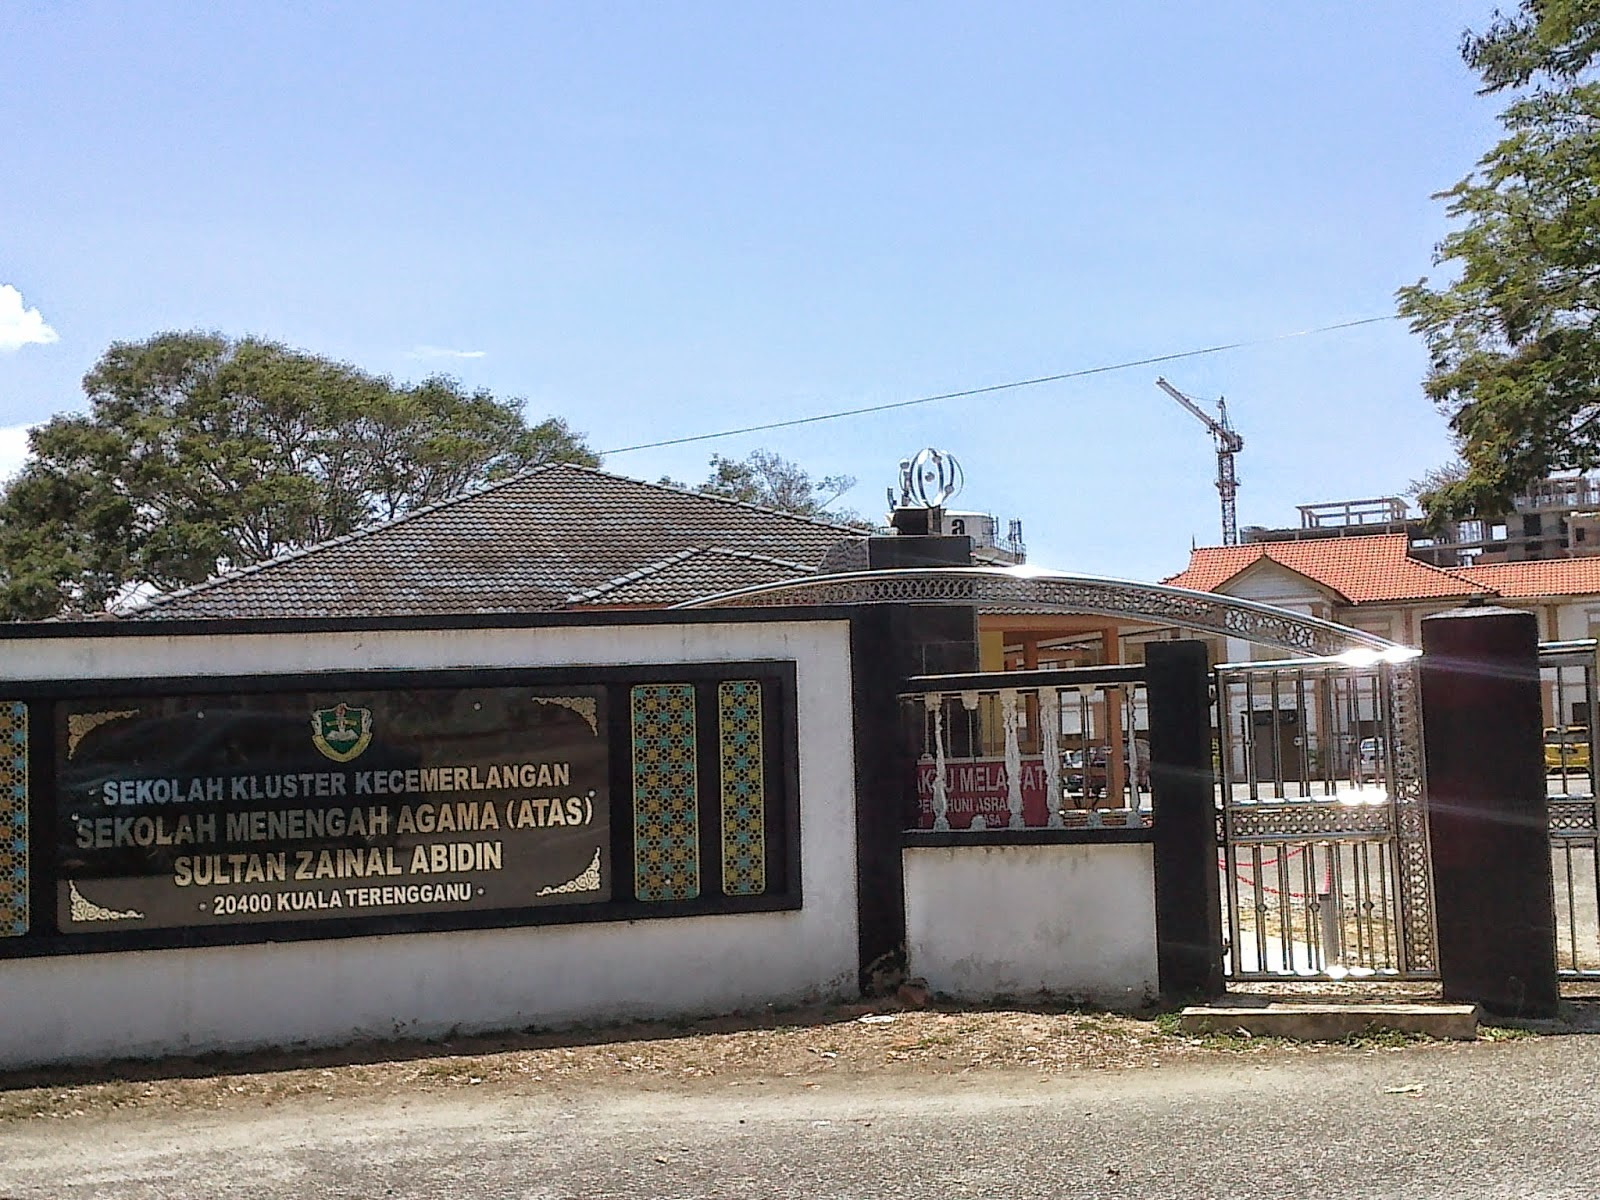 SMA(A) Sultan Zainal Abidin